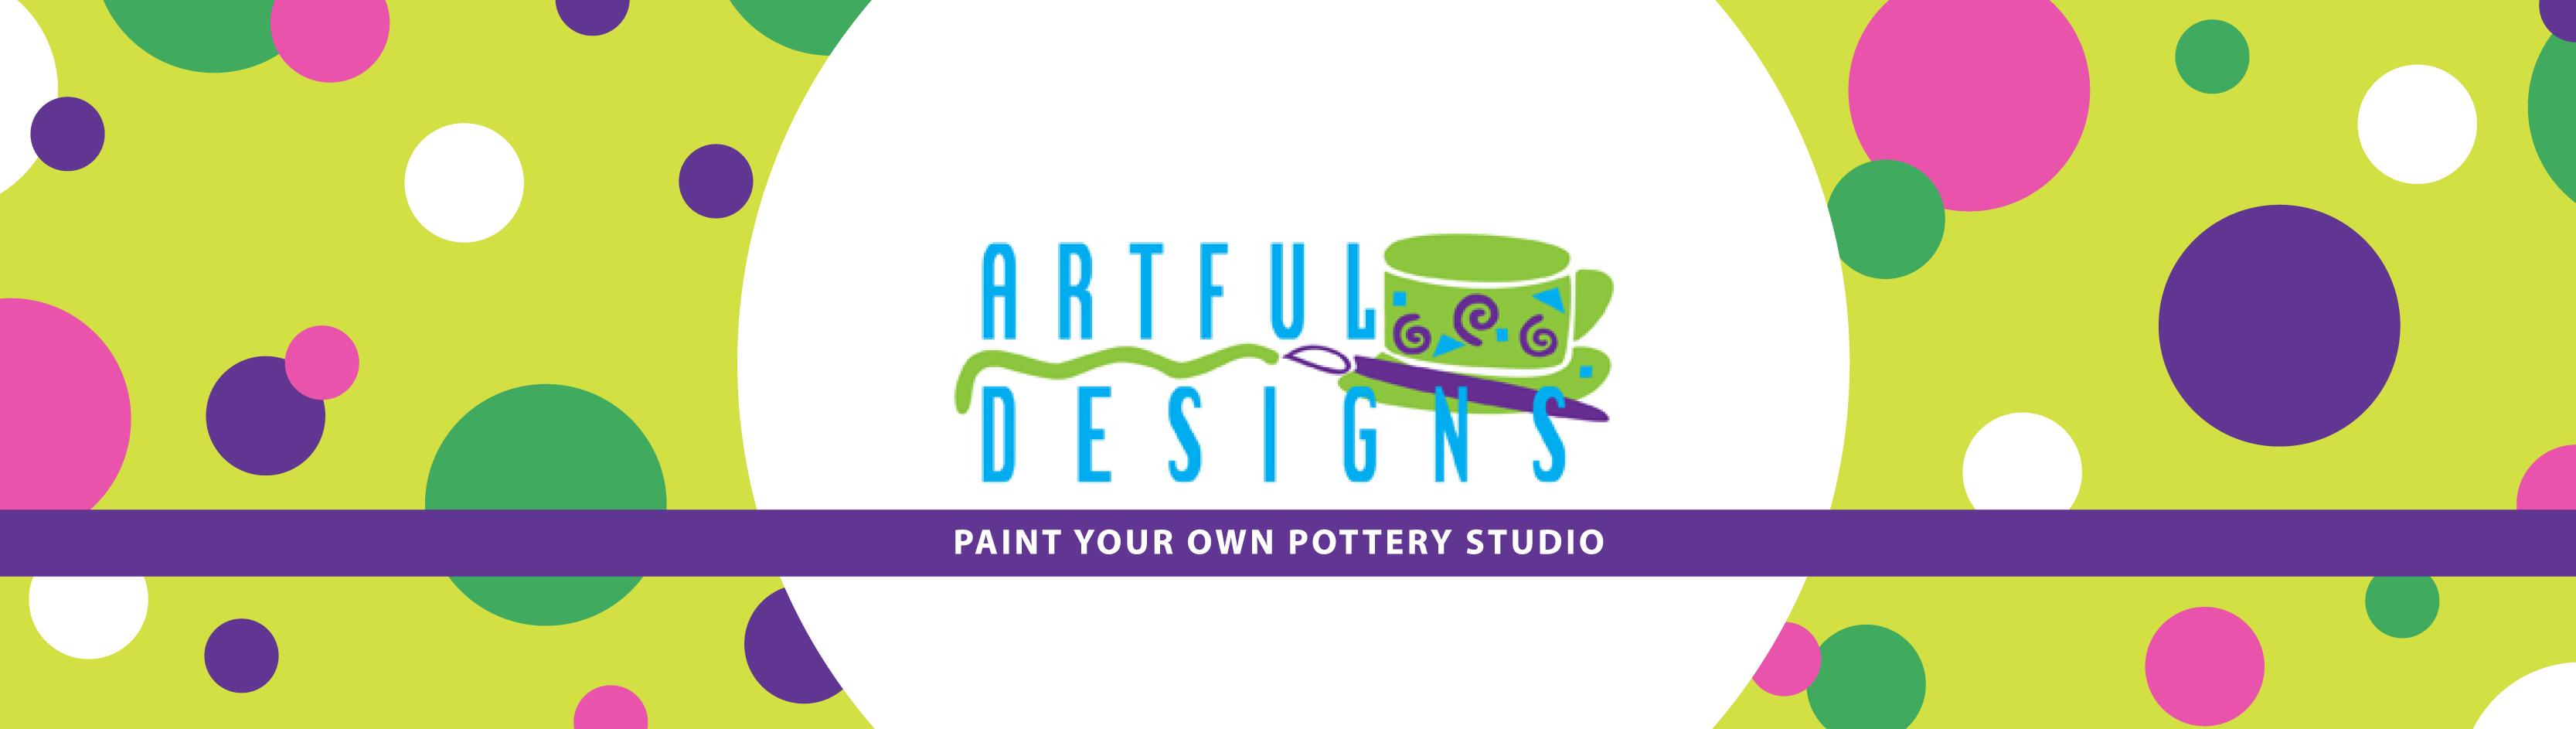 Artful Designs Pottery P